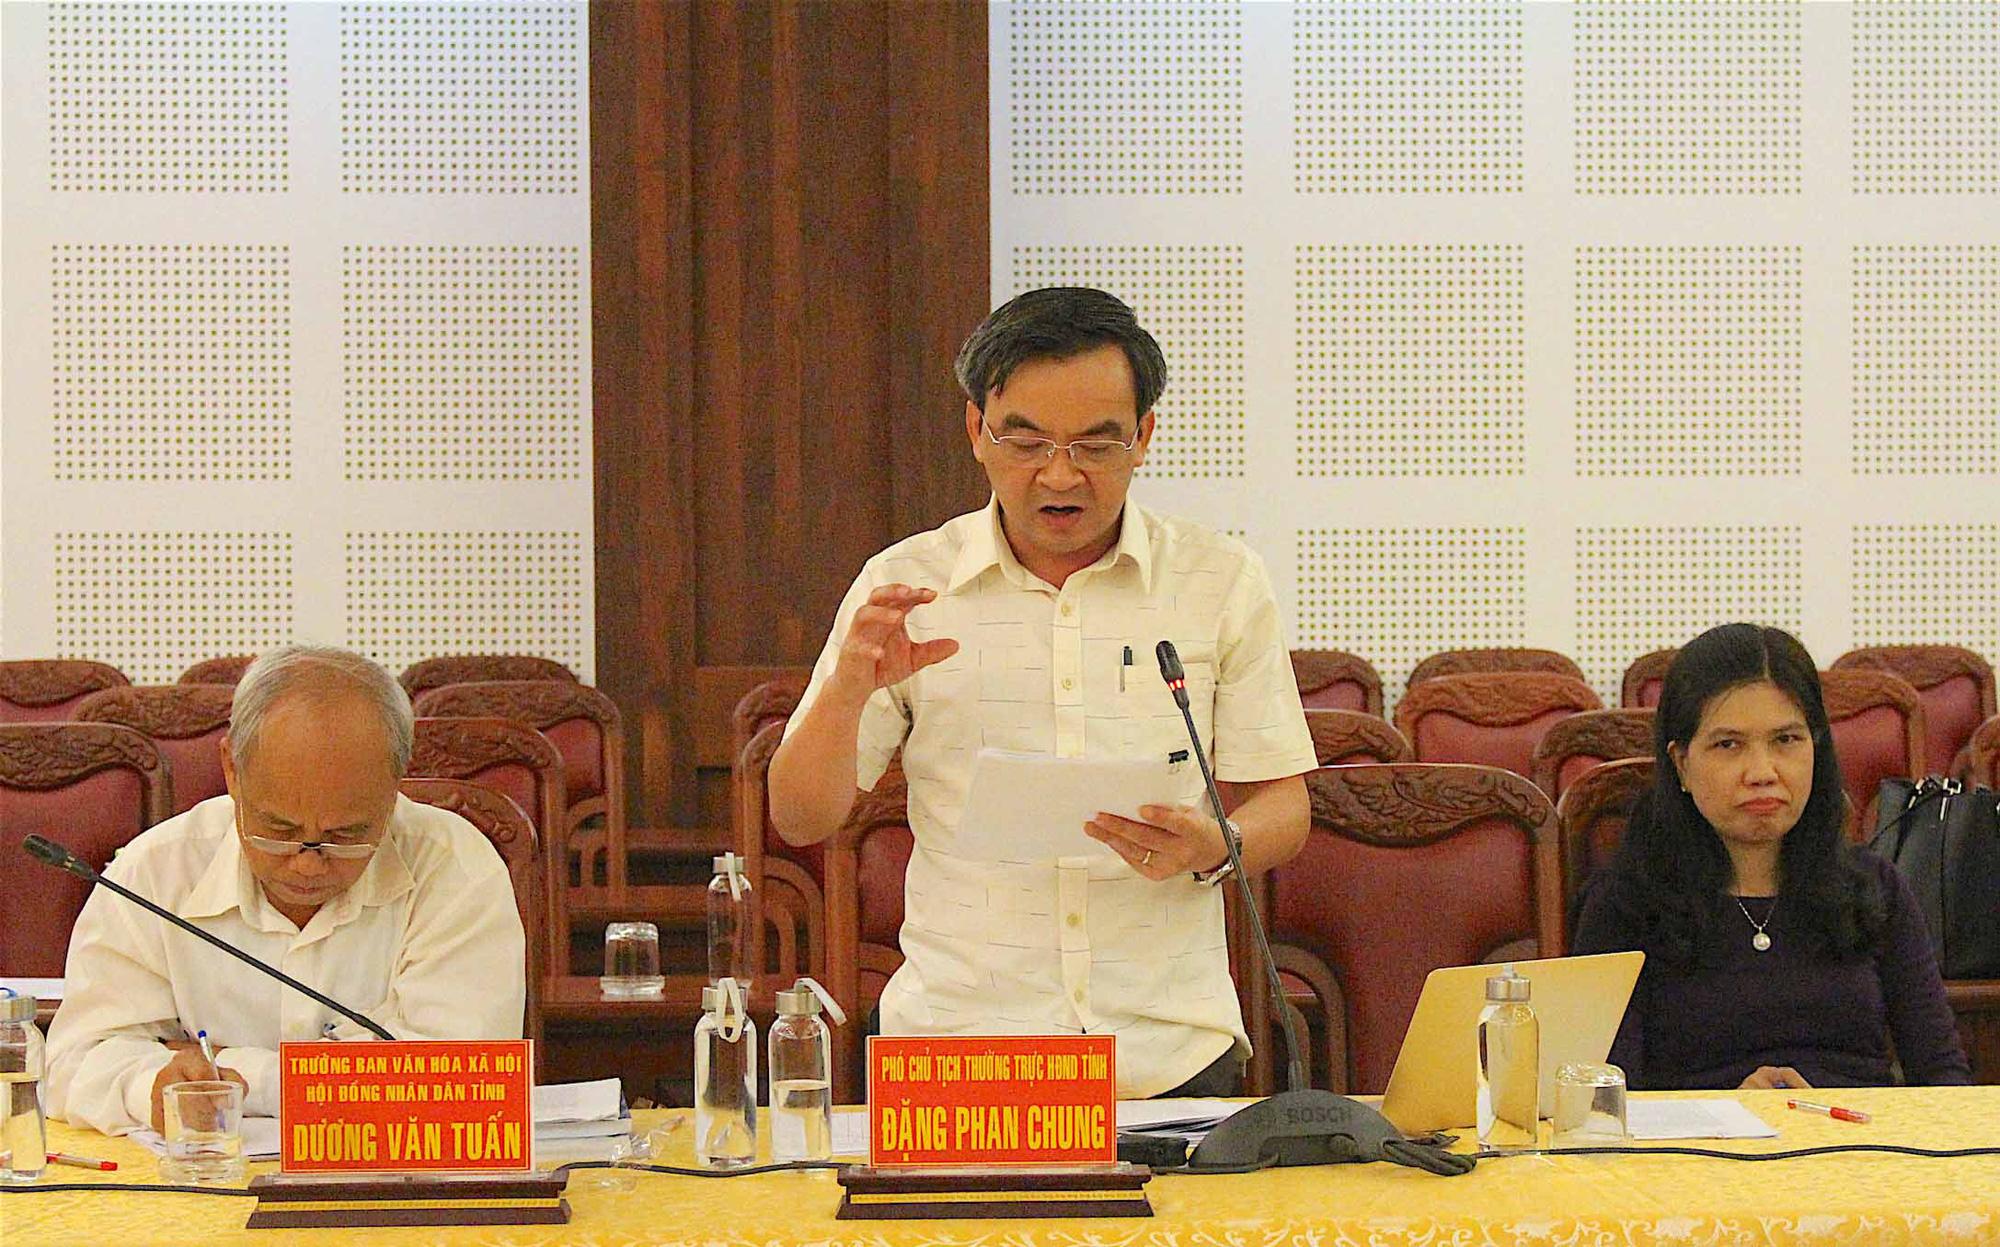 Xin ý kiến Ủy ban Thường vụ Quốc hội xử lý Phó Chủ tịch HĐND tỉnh Gia Lai - Ảnh 1.